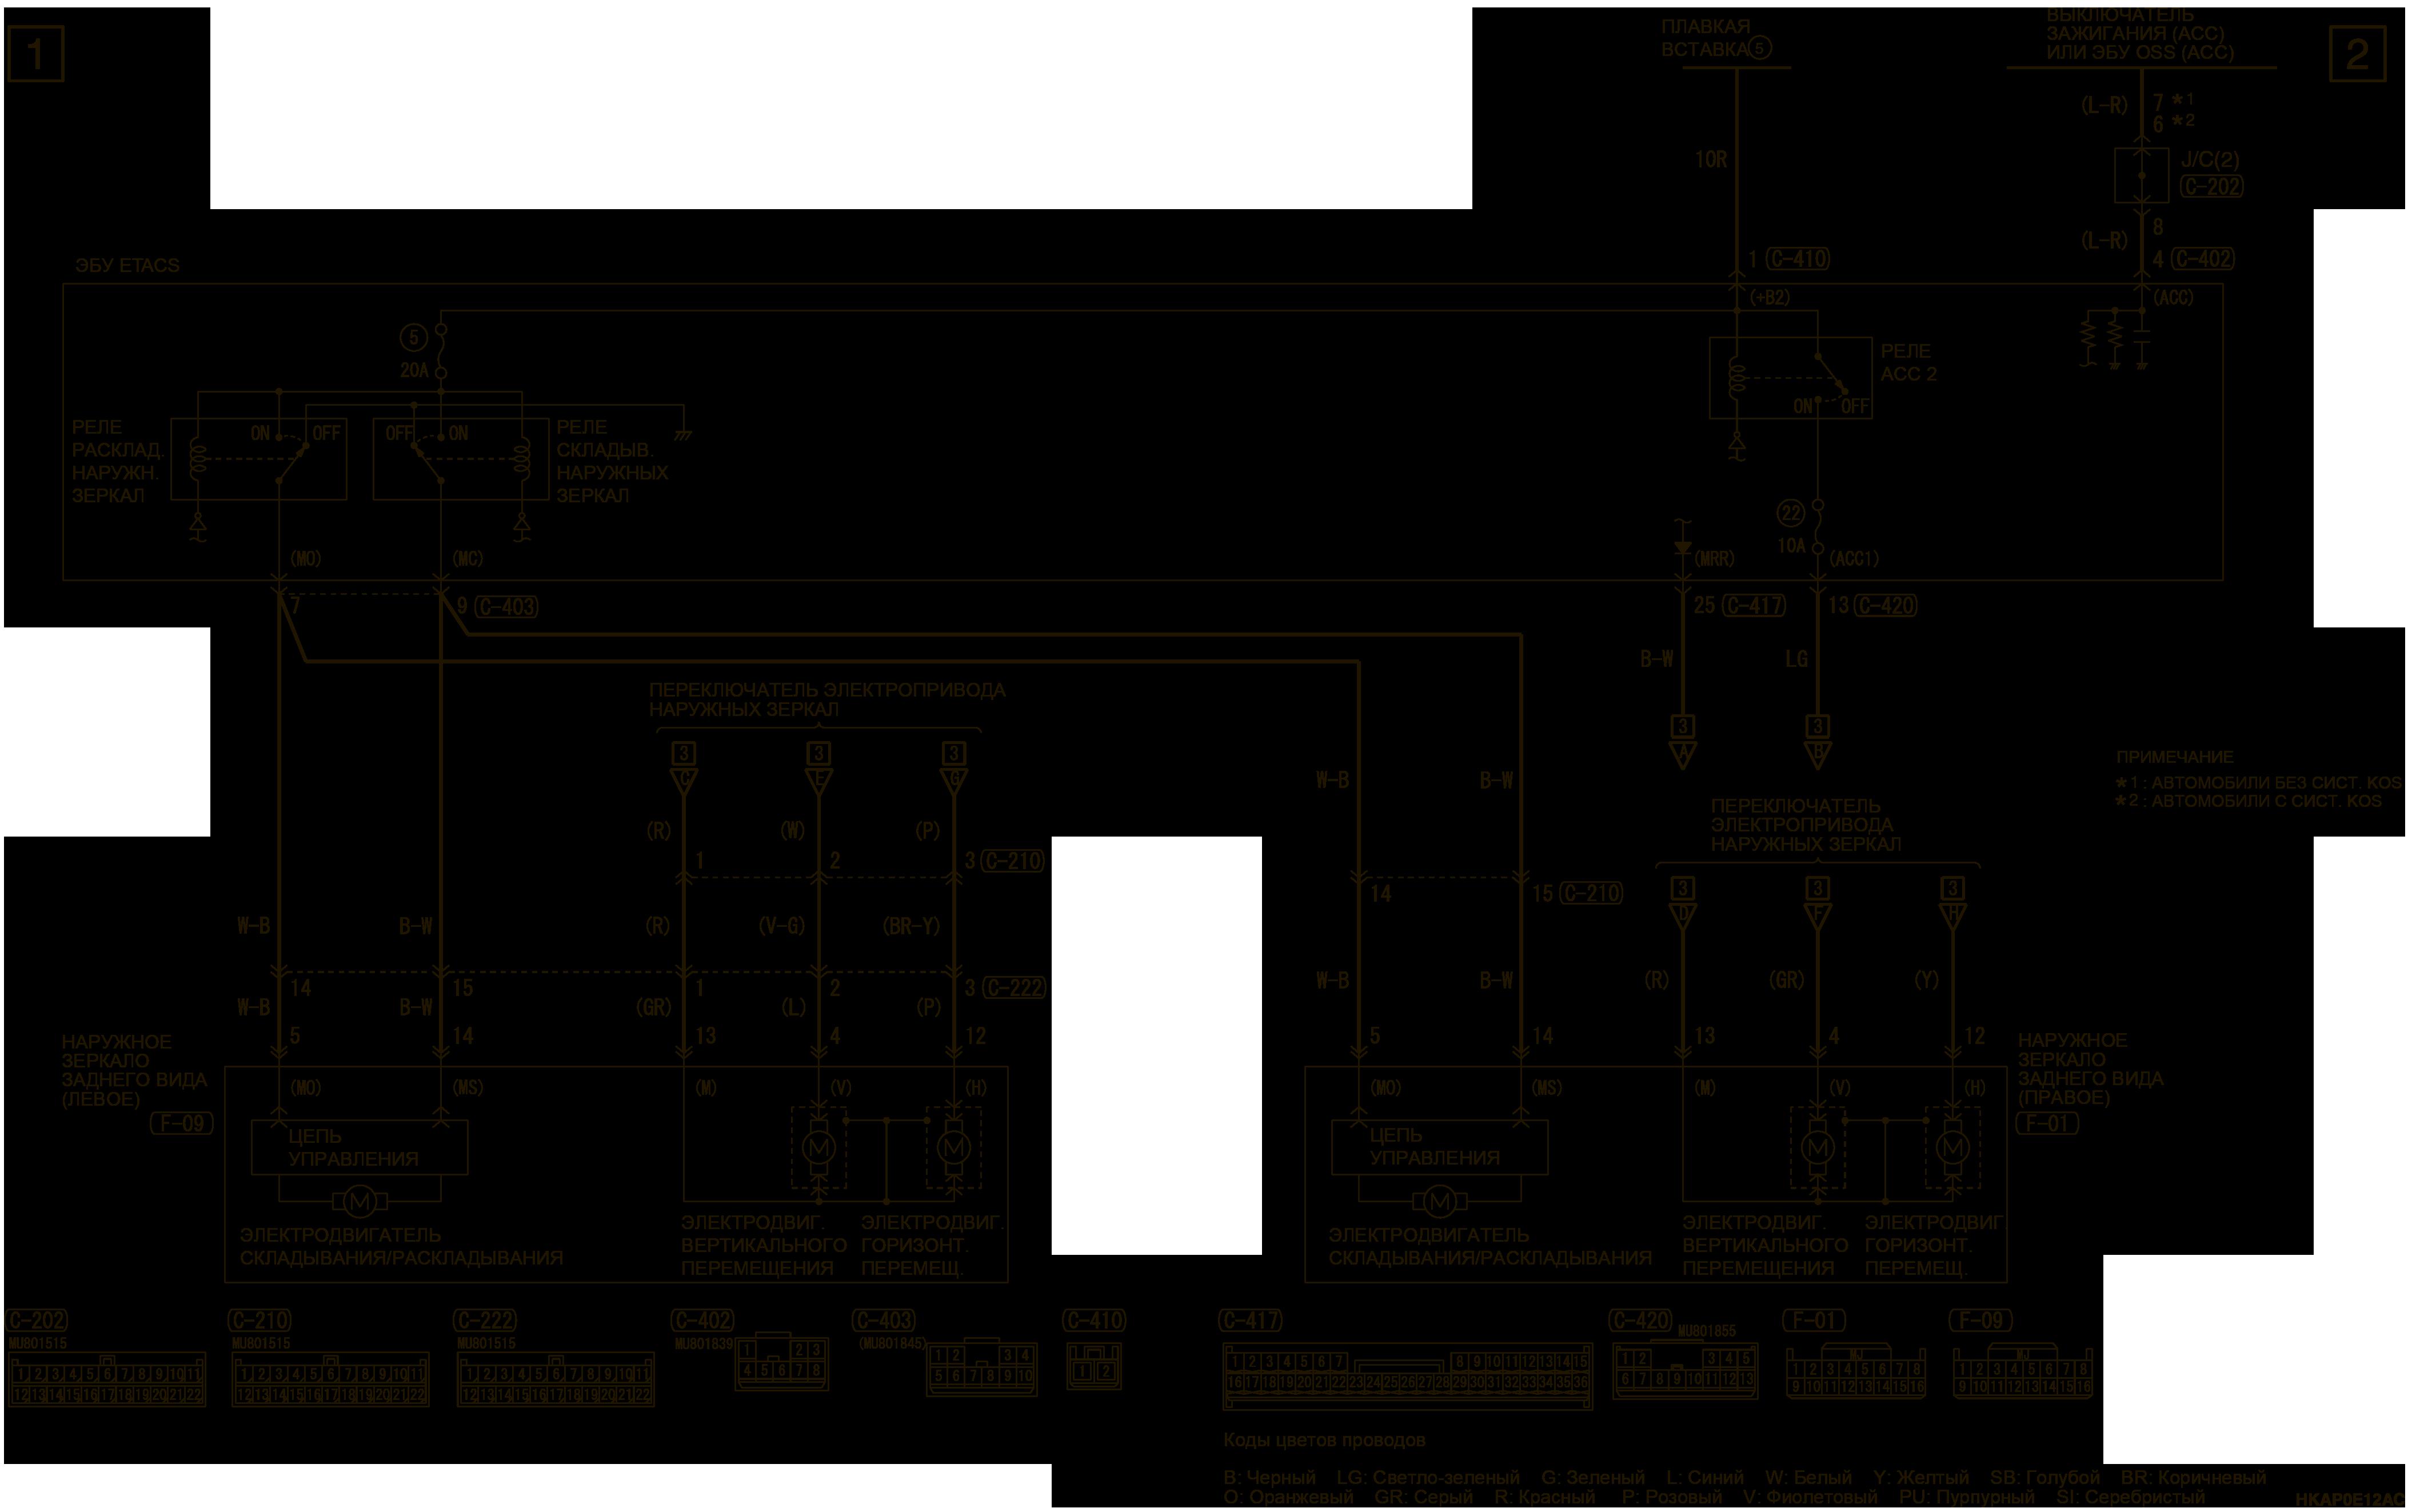 mmc аутлендер 3 2019 электросхемаЭЛЕКТРОПРИВОД СКЛАДЫВАНИЯ НАРУЖНЫХ ЗЕРКАЛ ЗАДНЕГО ВИДА (СКЛАДЫВАНИЕ) ПРАВАЯ СТОРОНА